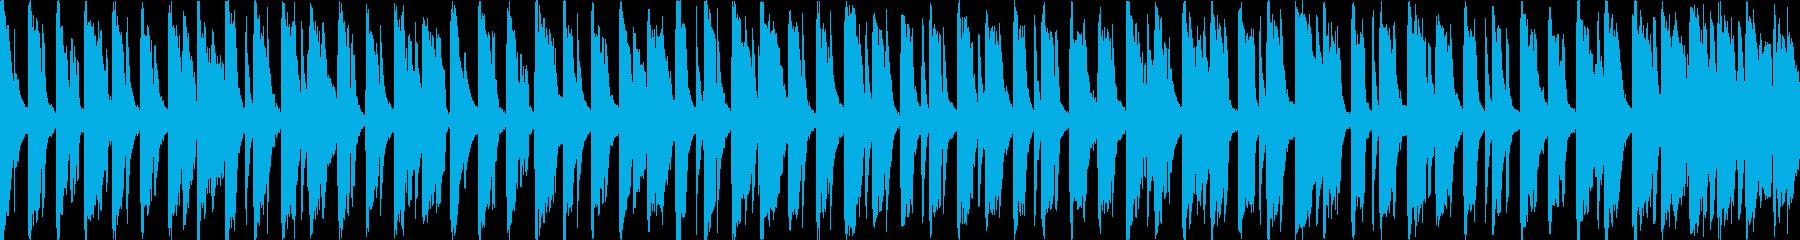 ゆる~いほのぼのかわいいソプラノリコーダの再生済みの波形